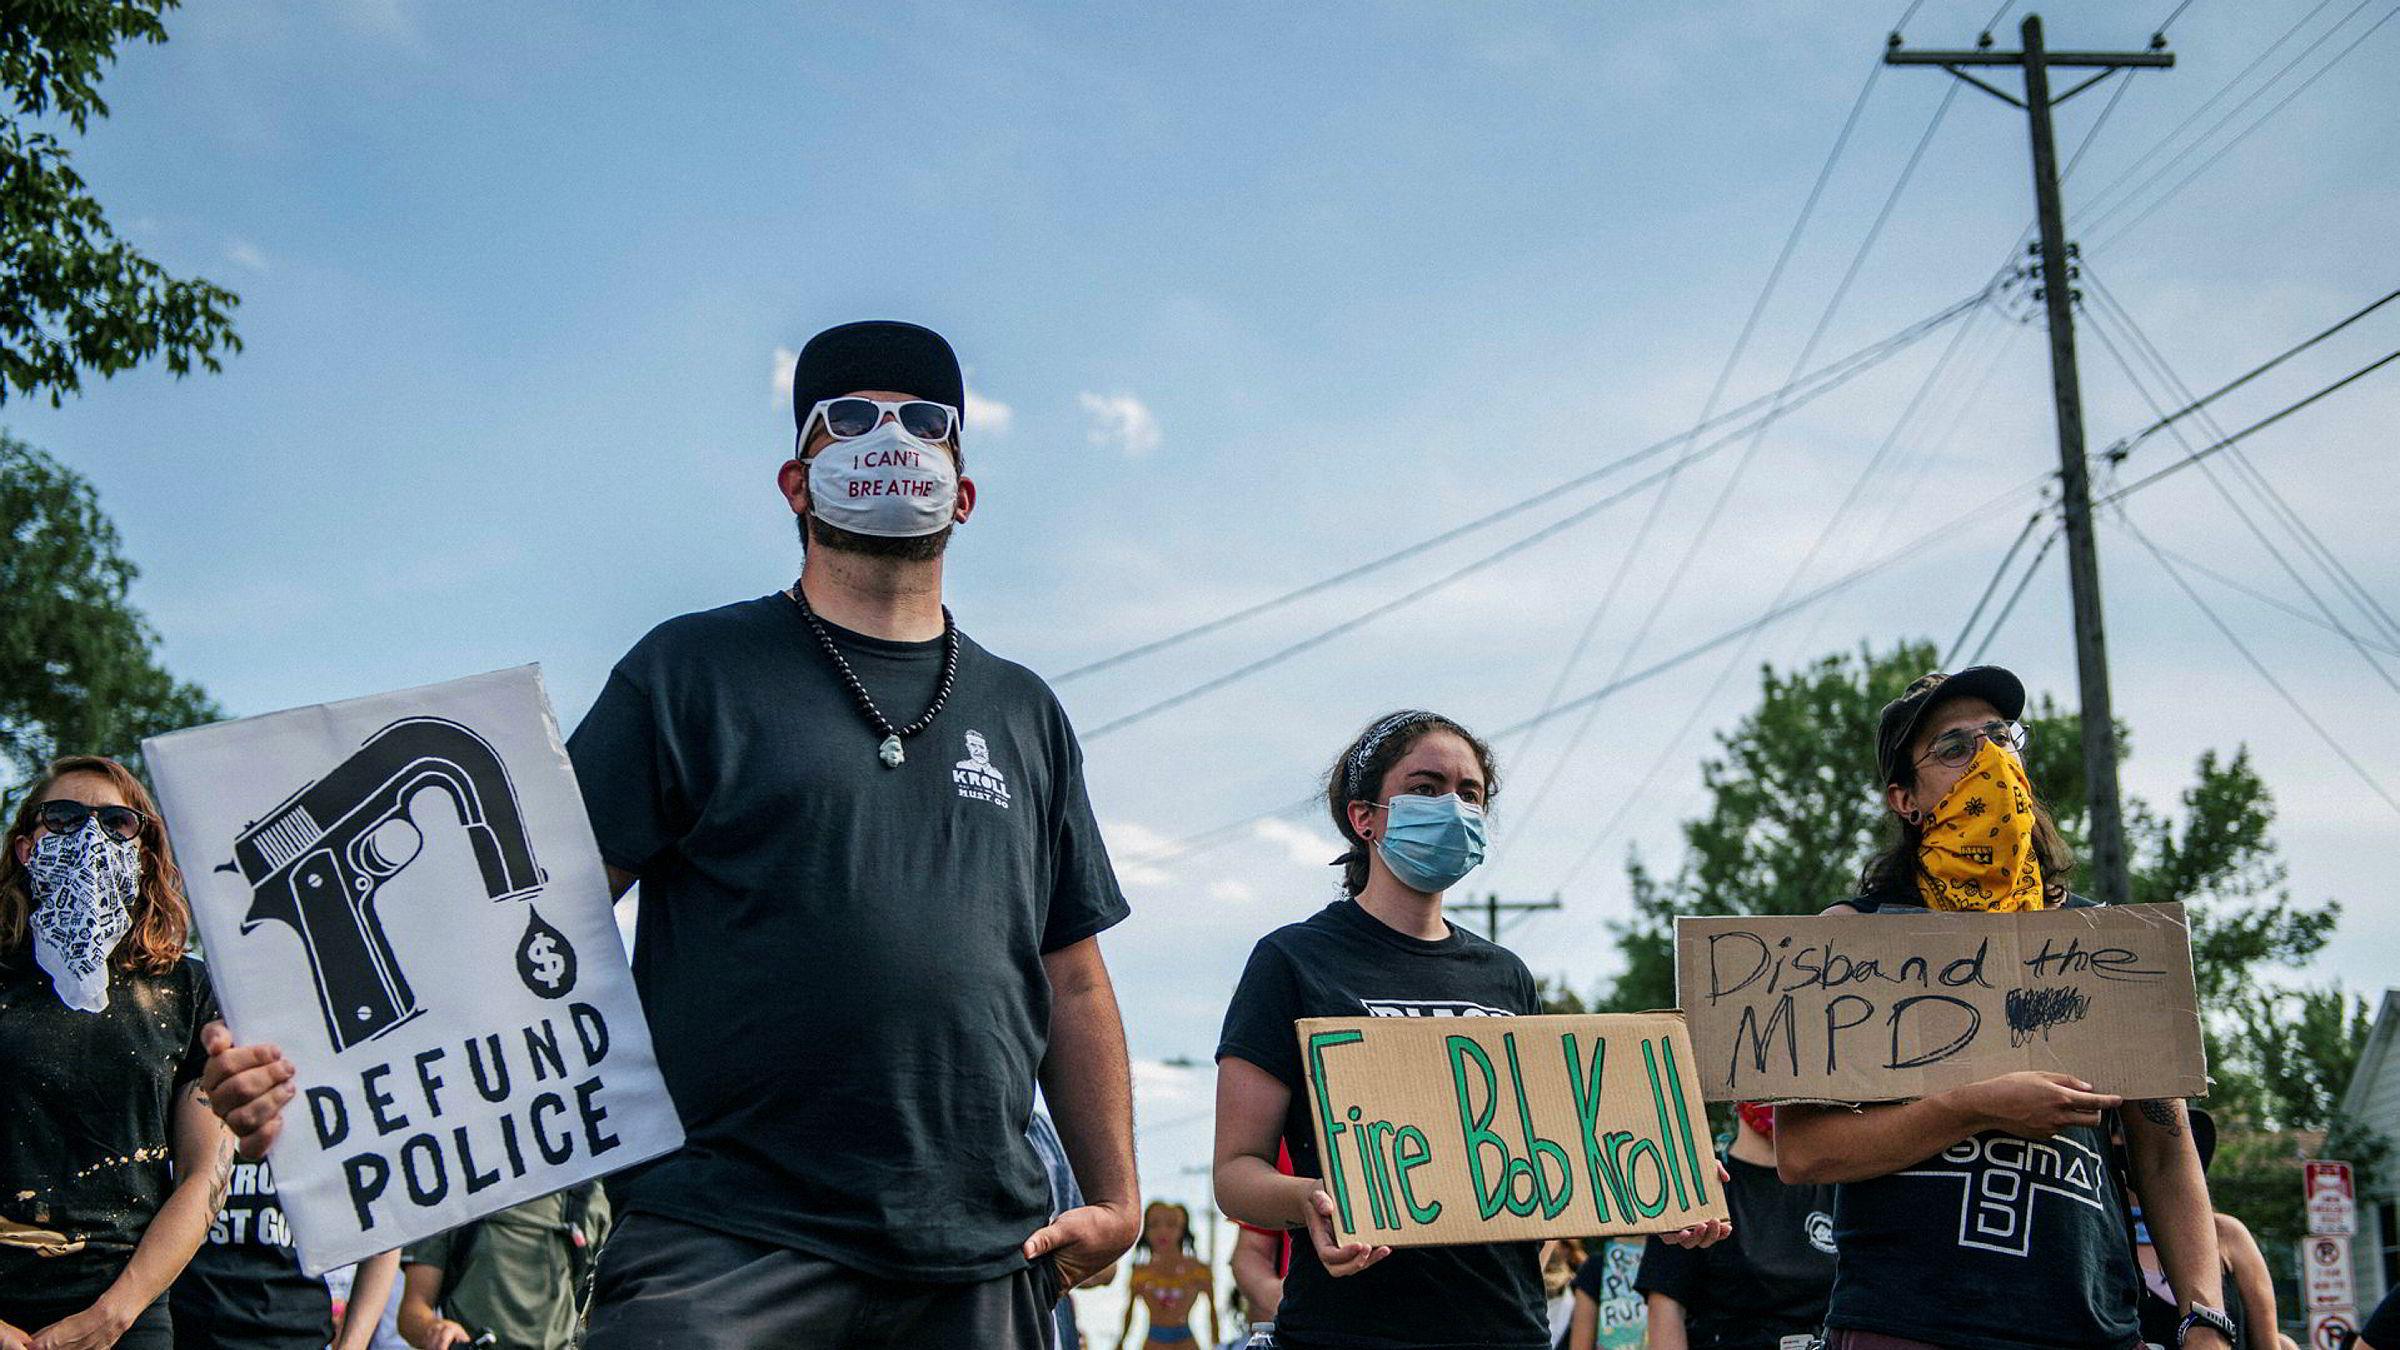 Protestene etter drapet på George Floyd fortsetter i USA. Her fra Minneapolis der demonstrantene krever ledende politifolk fjernet.